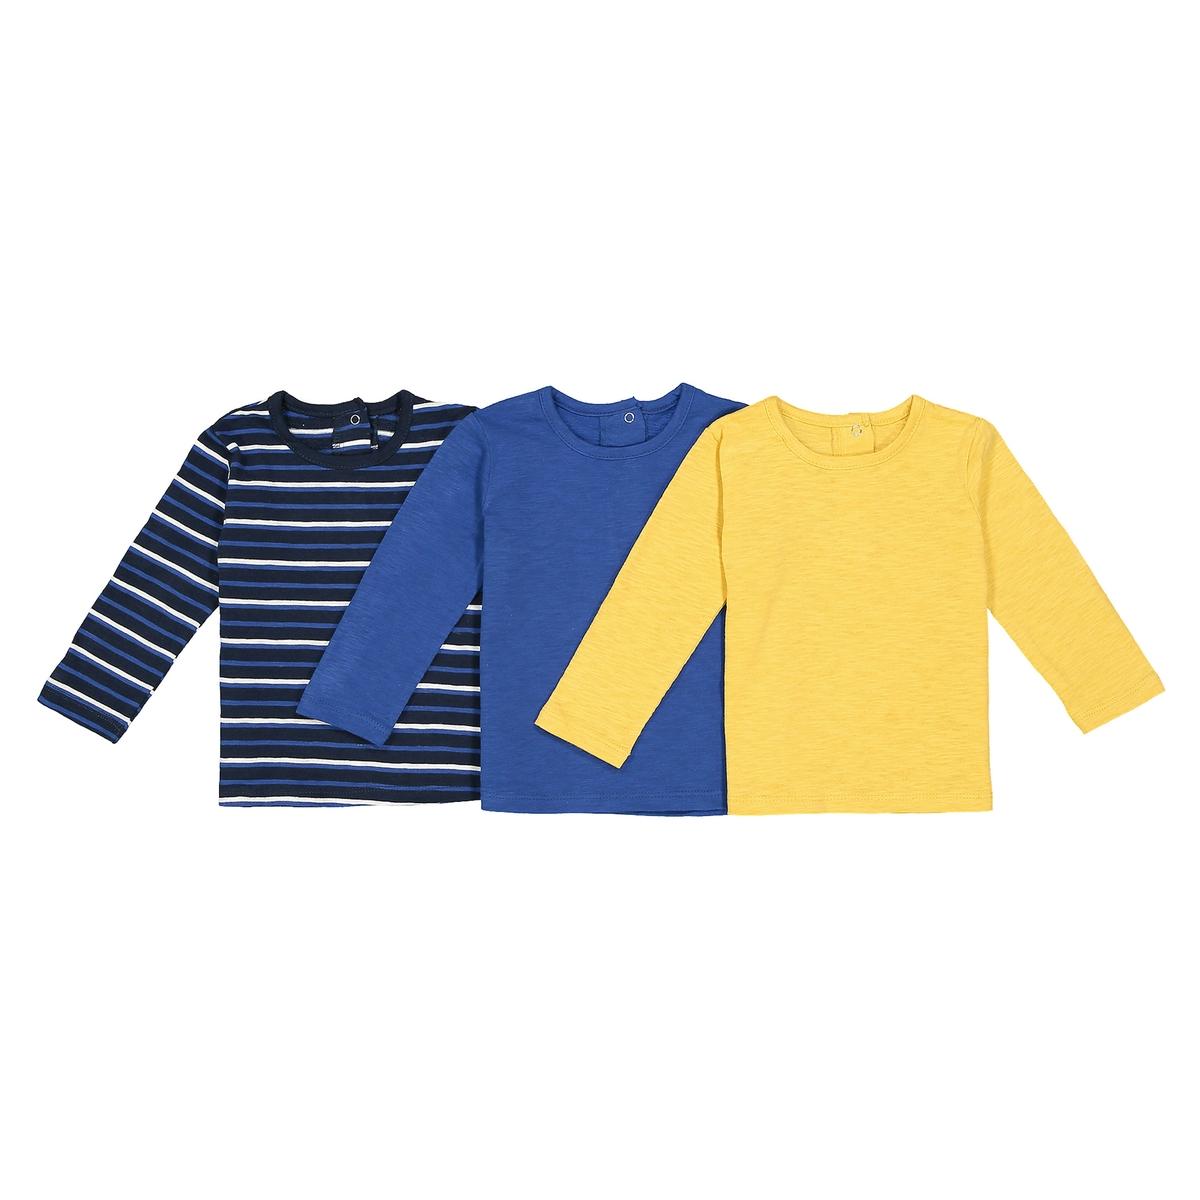 Комплект из 3 футболок с длинными рукавами - 1 мес. - 3 года футболка с длинными рукавами 1 мес 3 лет